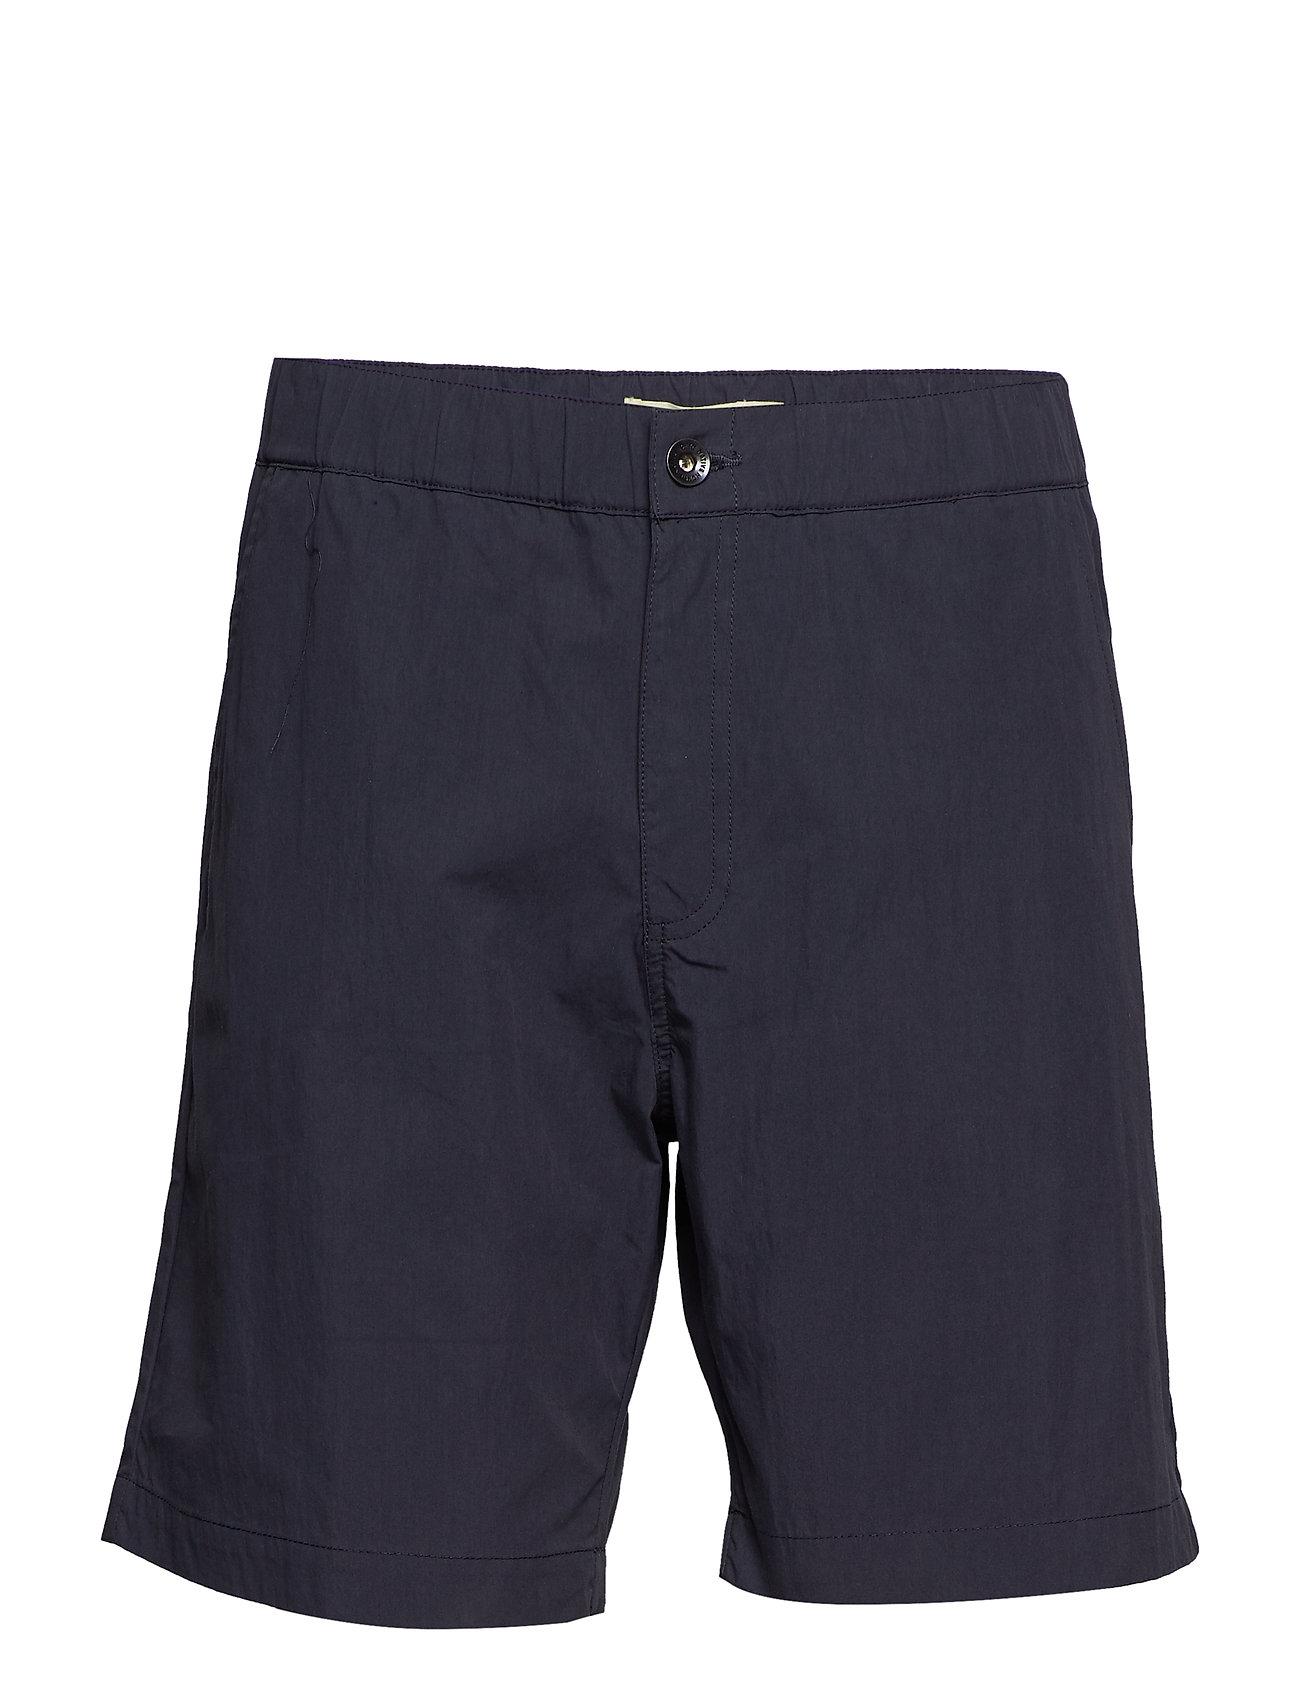 Image of Paper Shorts Shorts Chinos Shorts Blå Native North (3226251259)